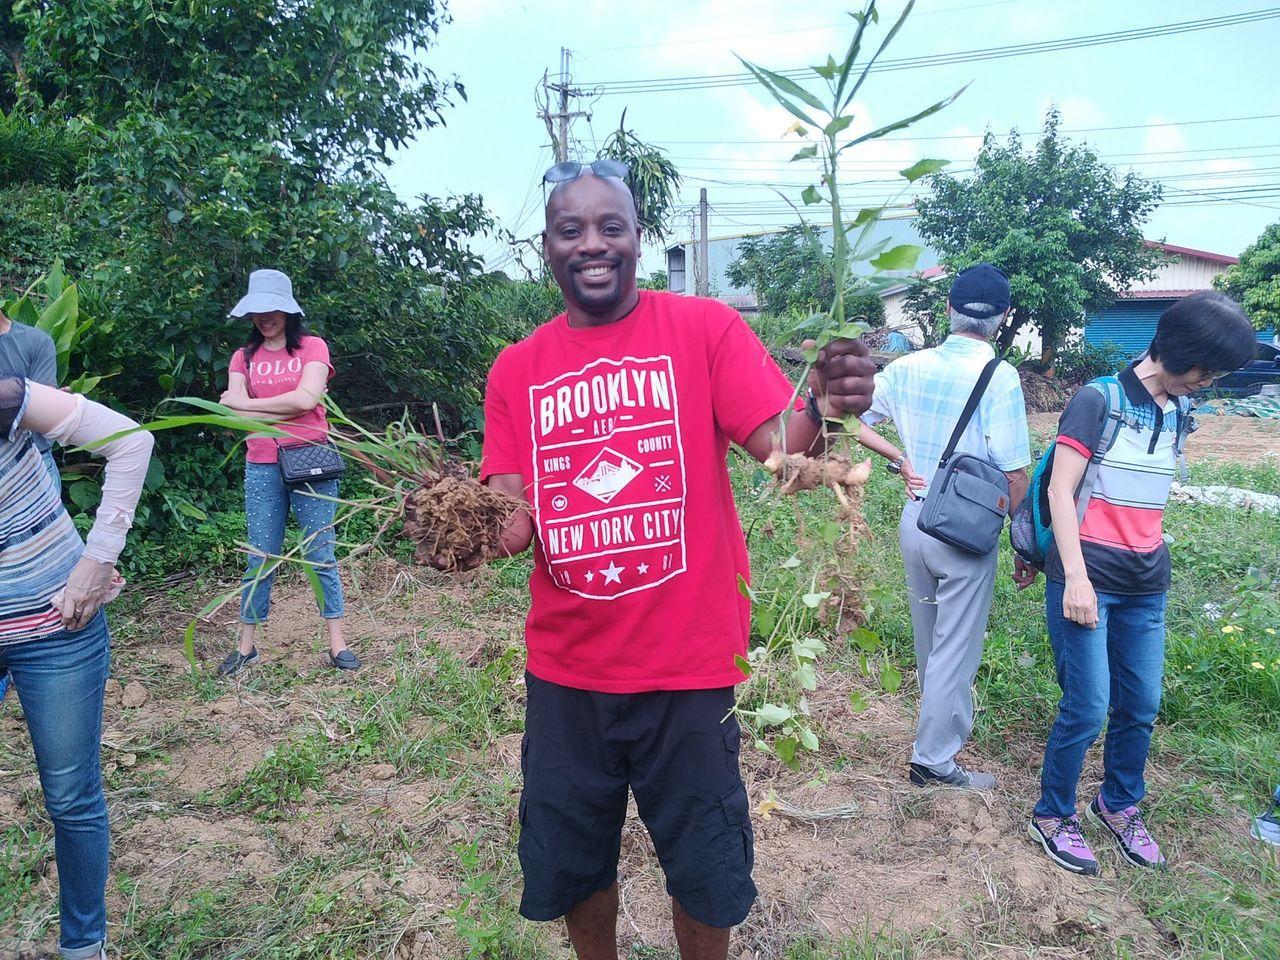 還有外籍旅客體驗挖薑的樂趣。圖/高雄市農業局提供